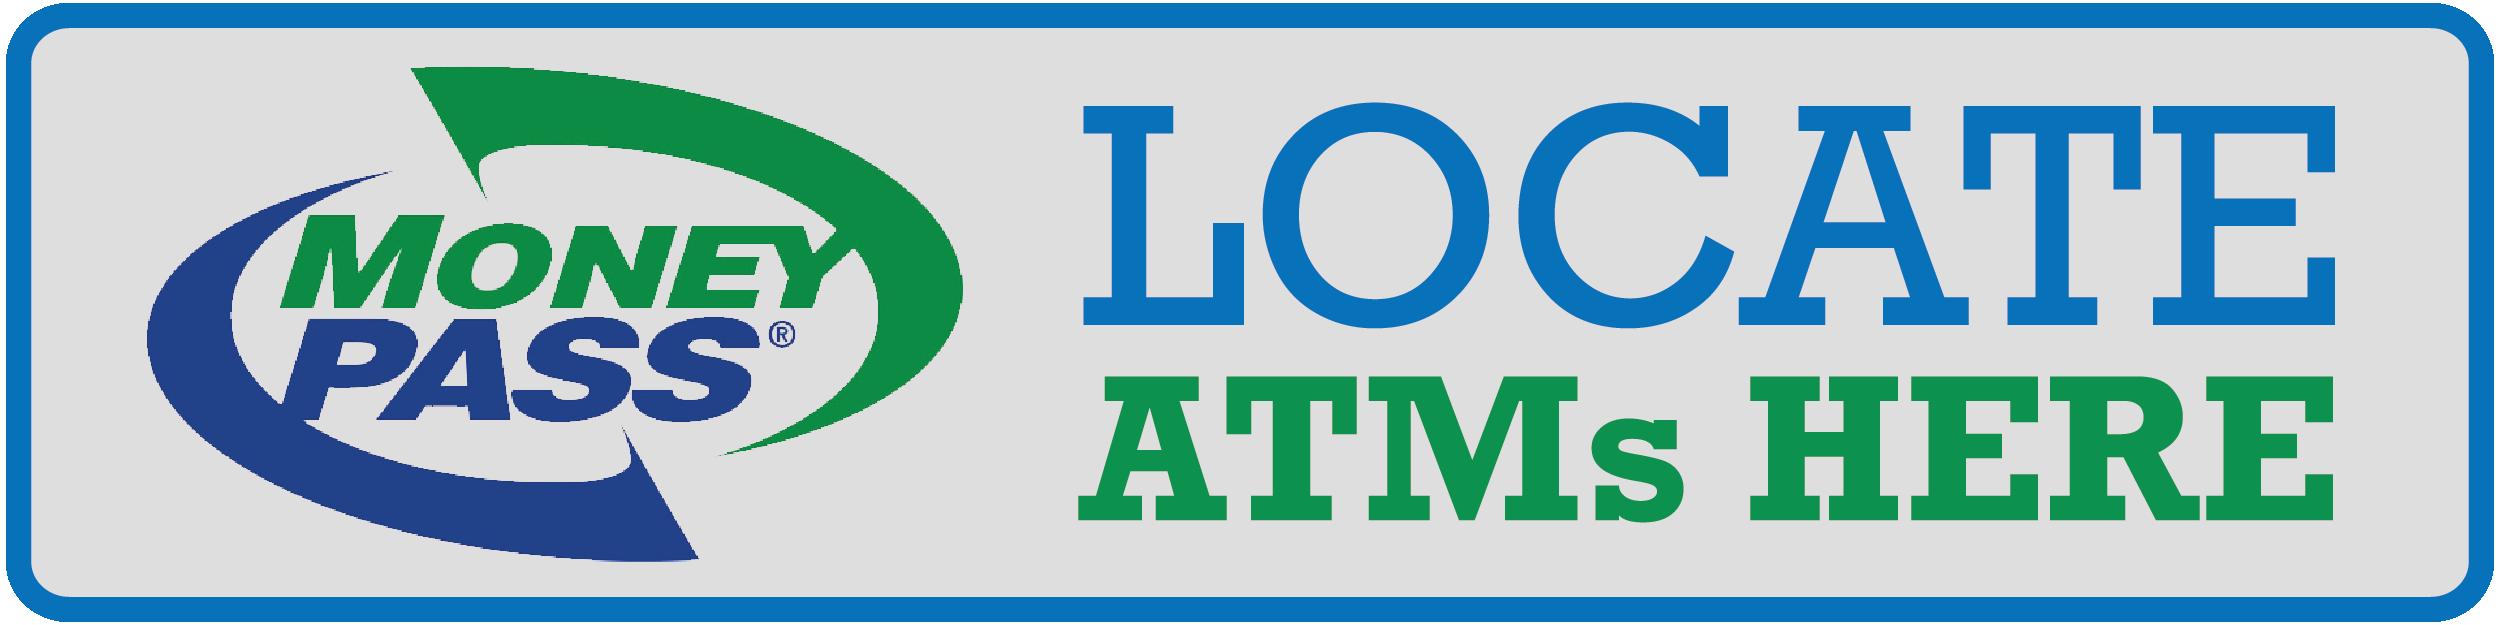 Moneypass Logos